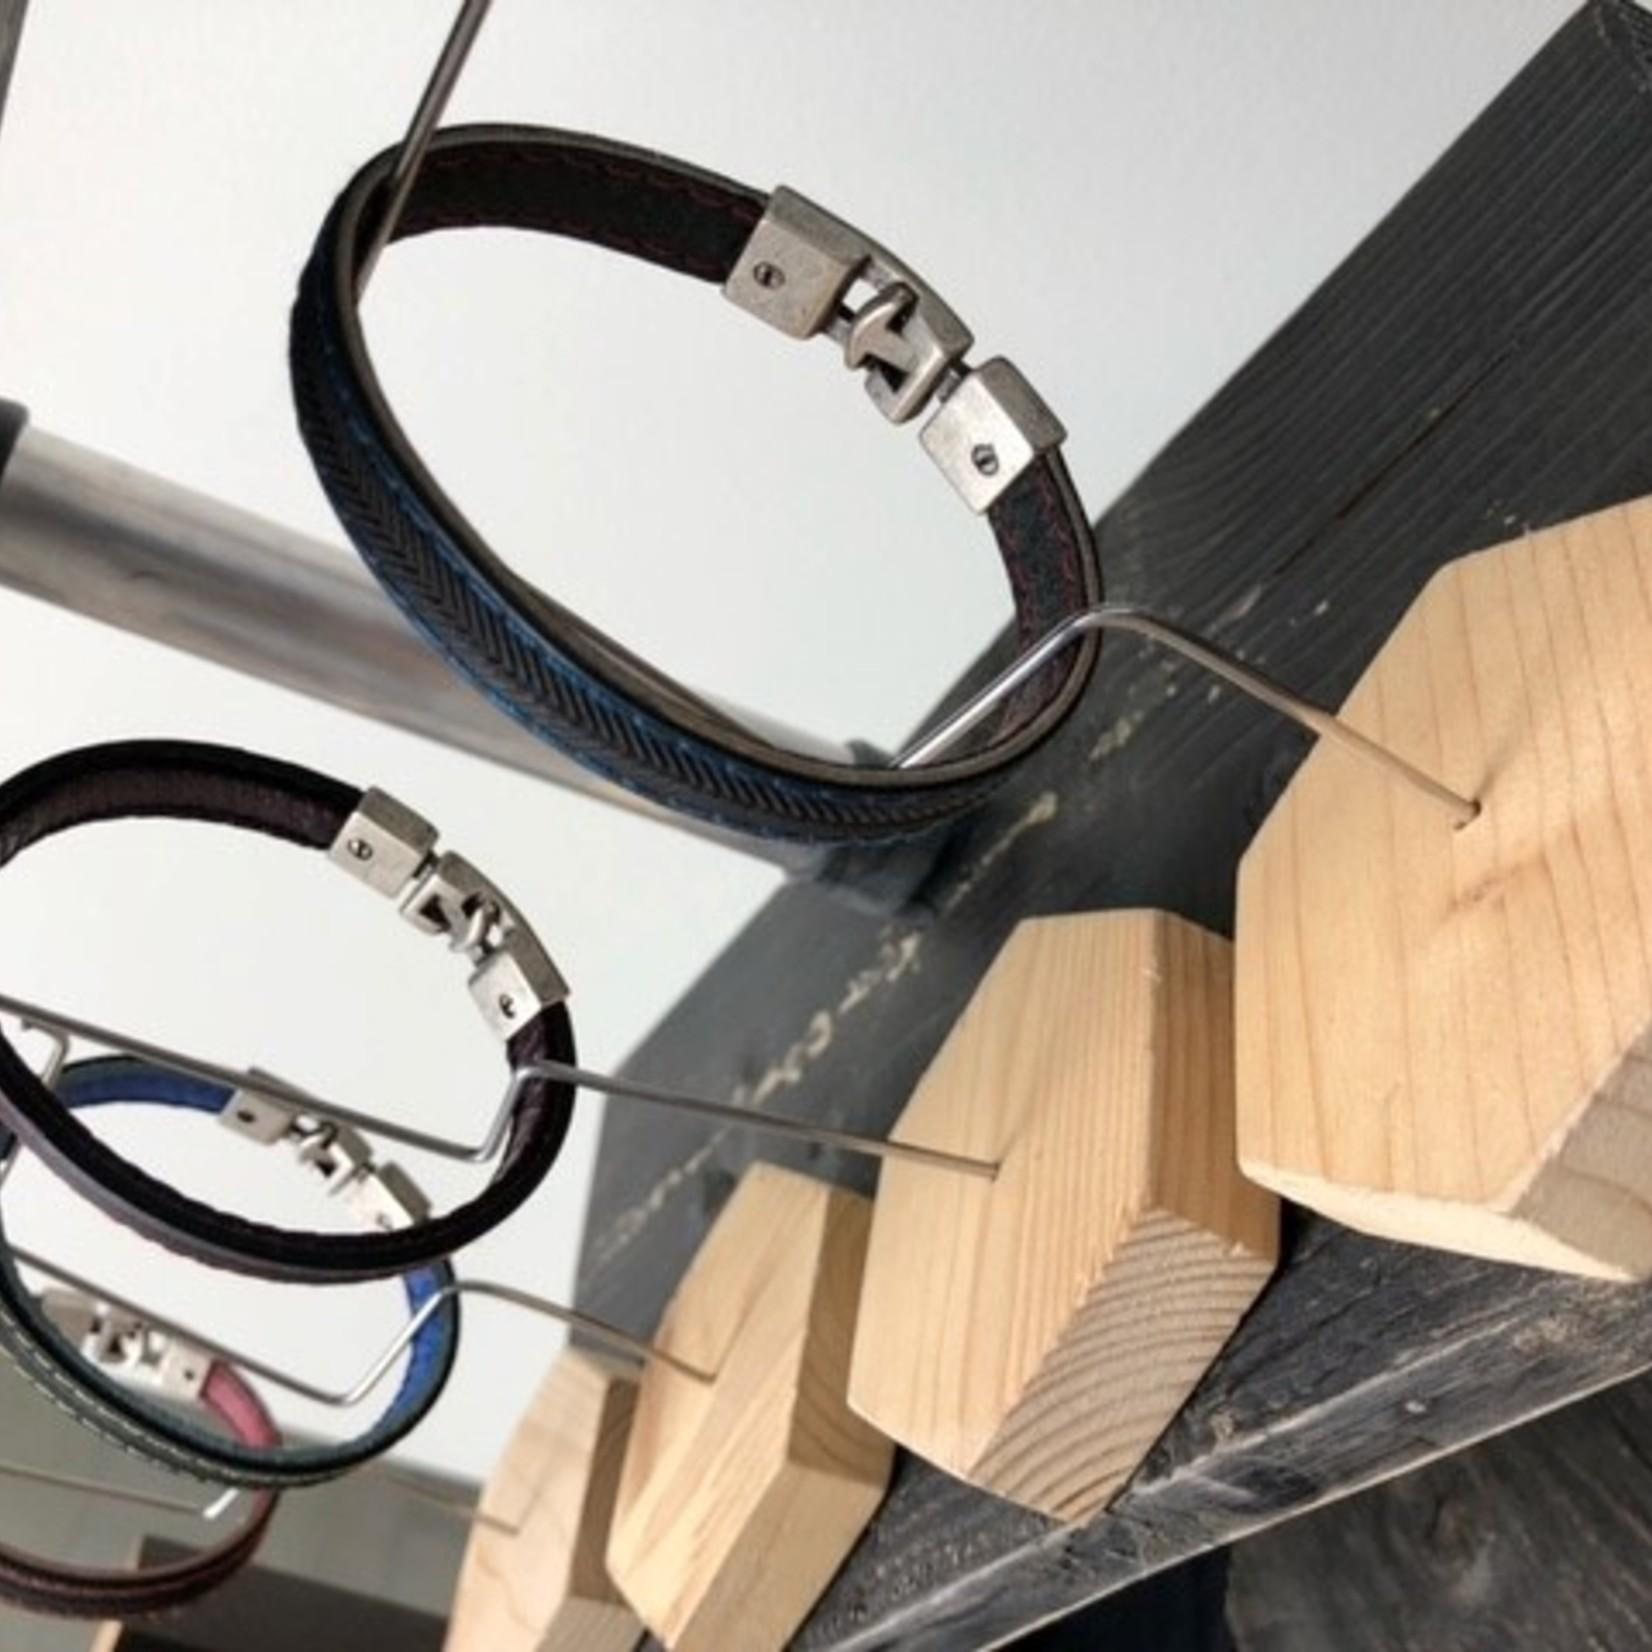 Cycled armband z/r/w